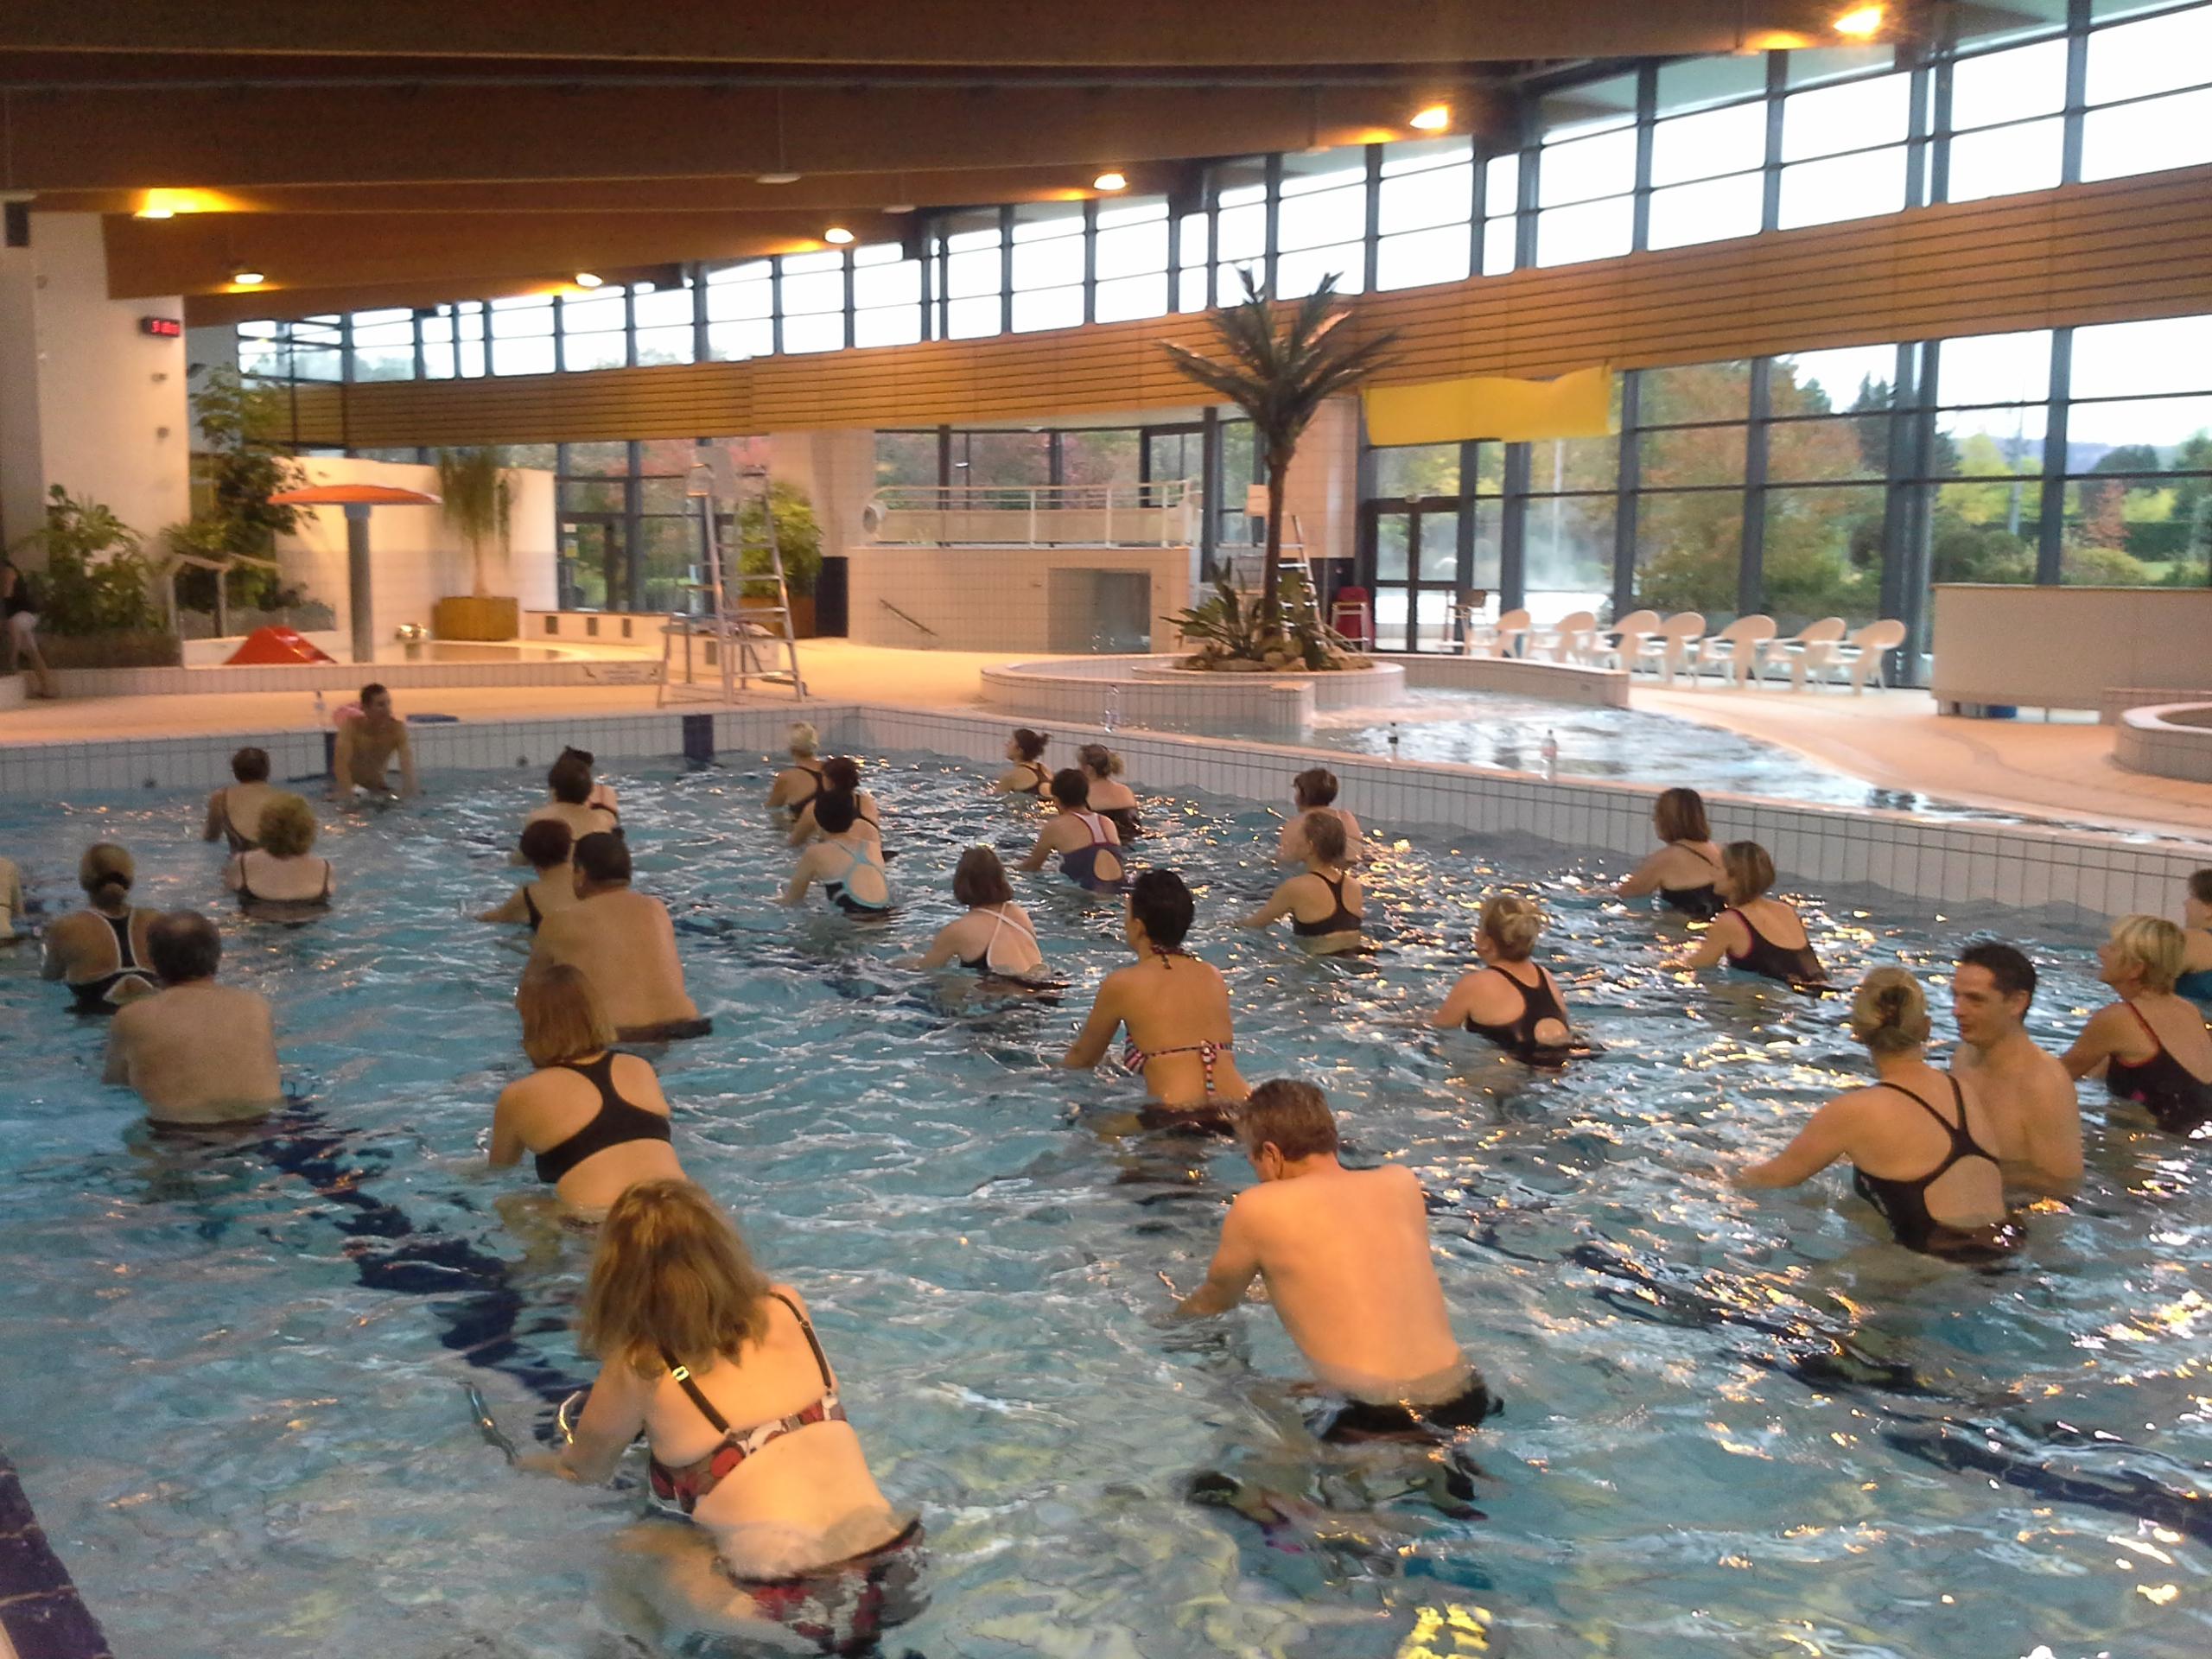 Ain'pulse - Centre Aquatique De Loisirs & Remise En Forme À ... avec St Vulbas Piscine